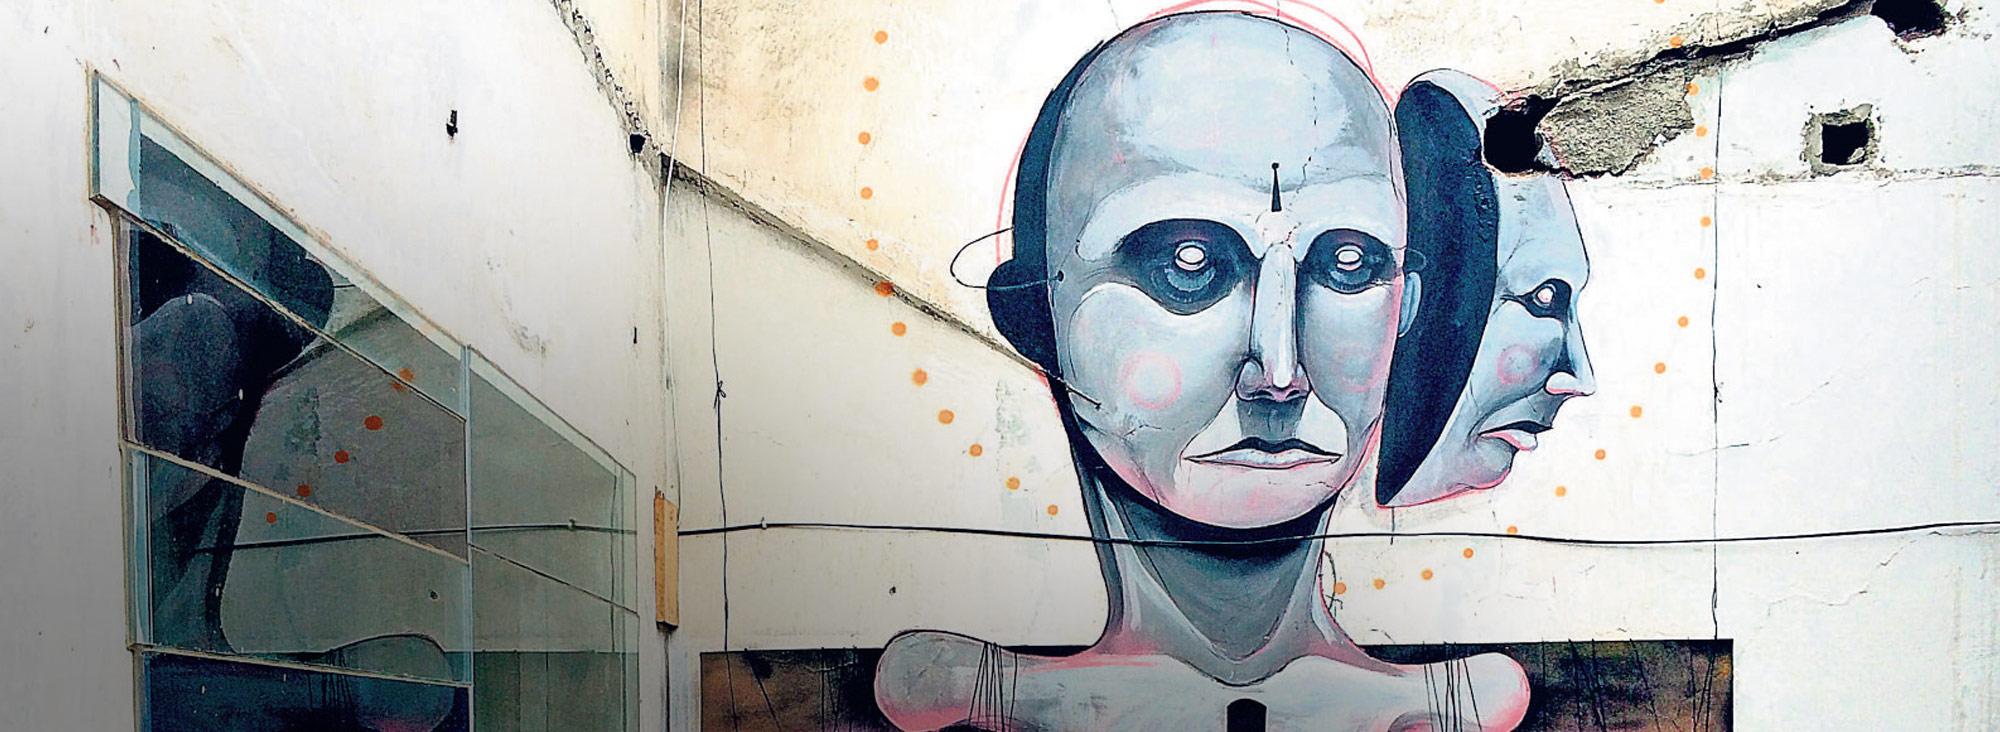 grafiti slider